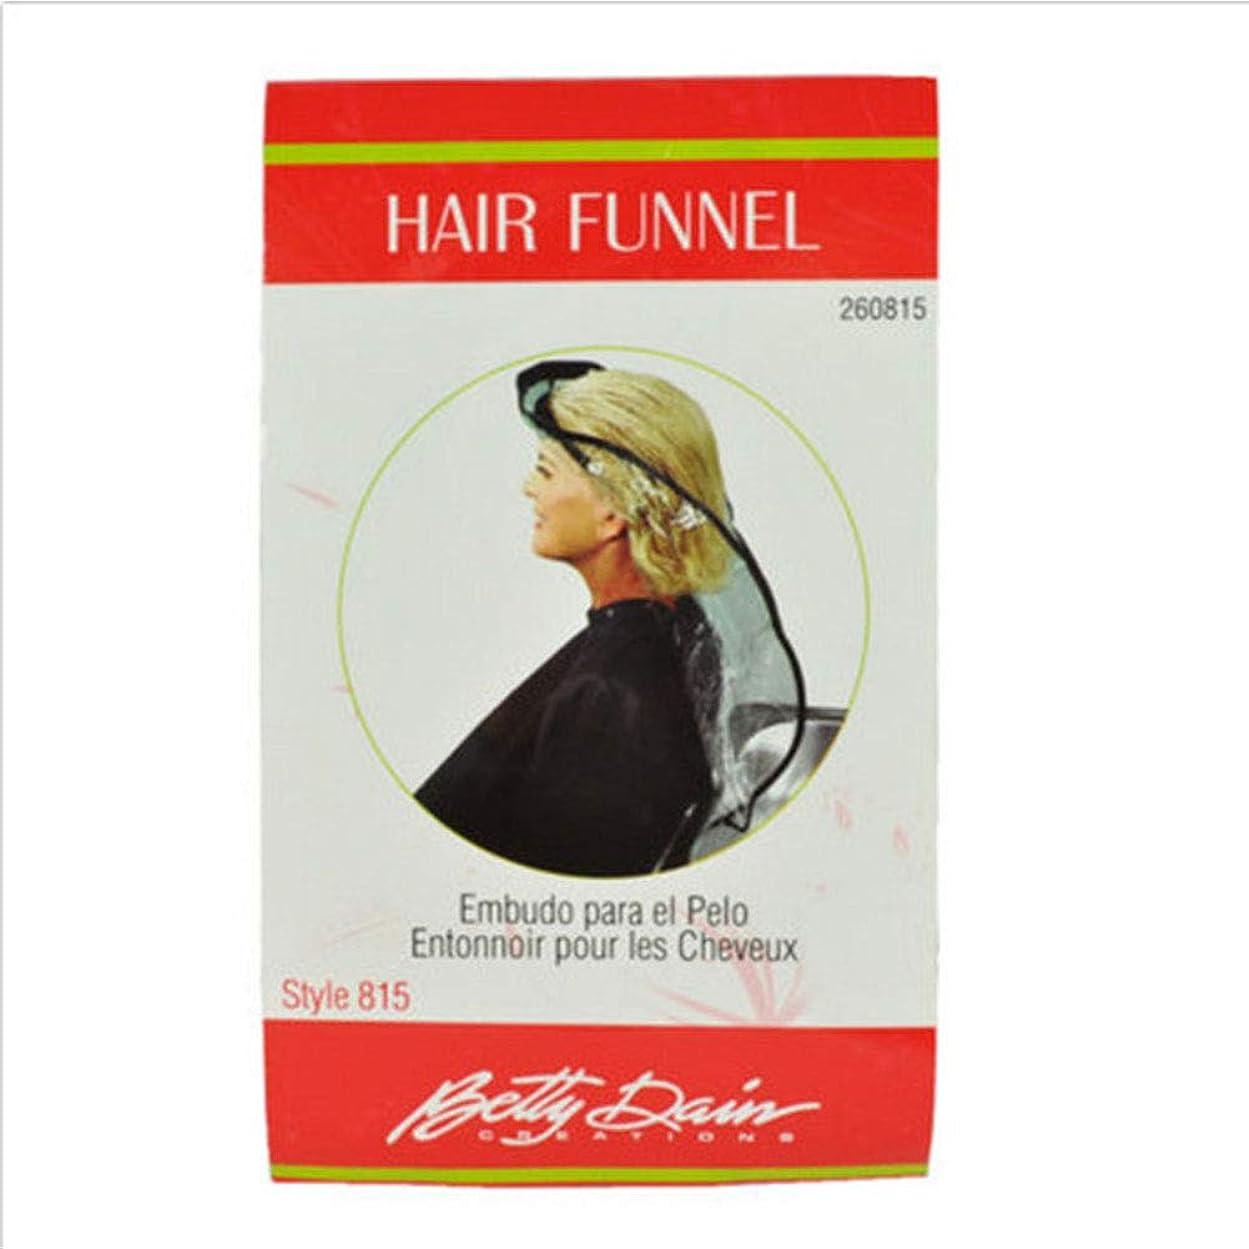 訴える系統的メドレーACHICOO 洗髪 リンスシャンプー ファネル ヘア 洗濯ツール